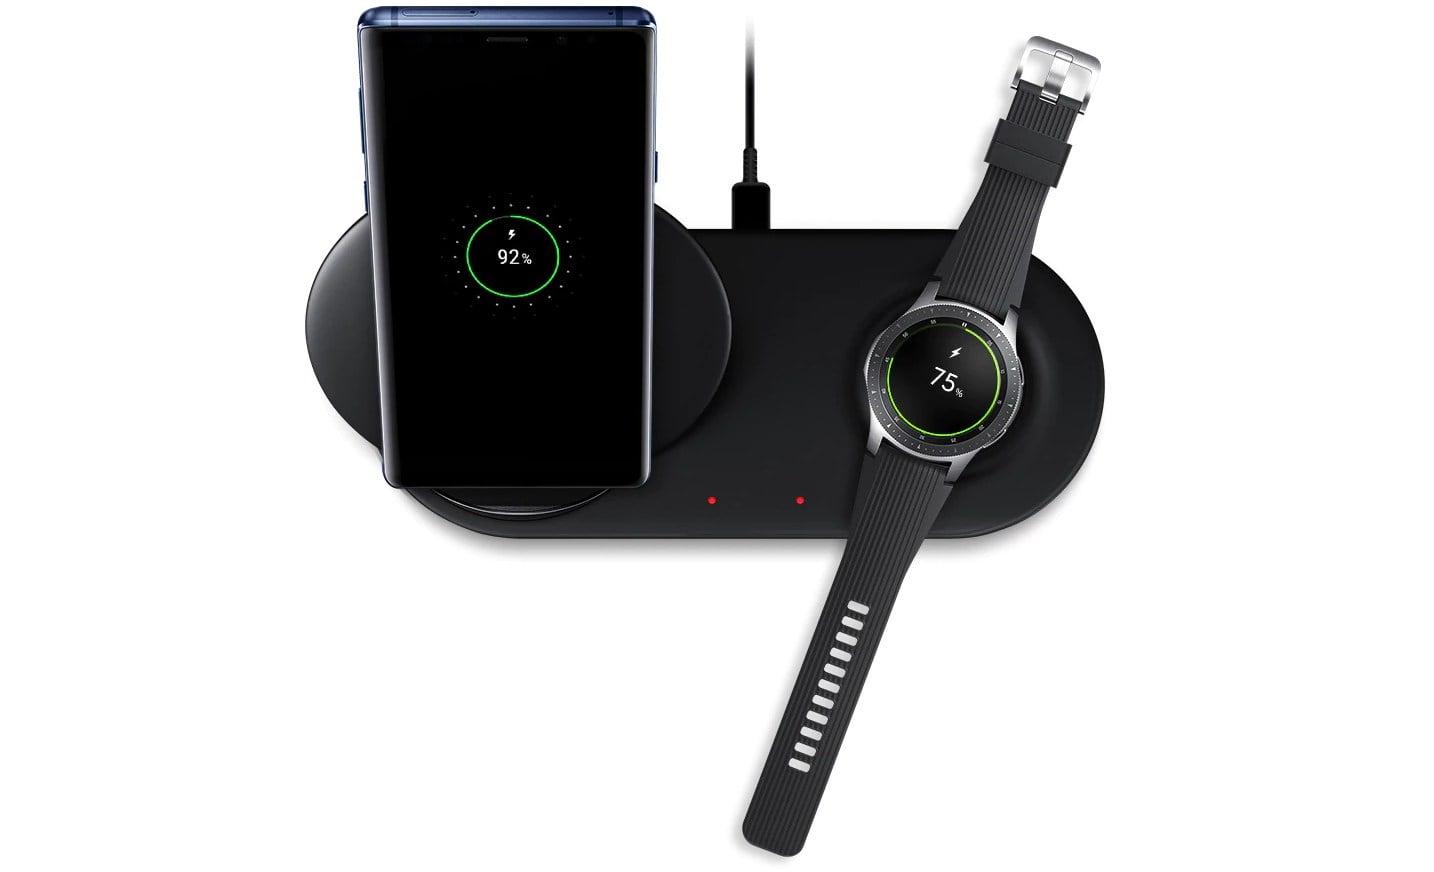 Poznaliśmy cenę podwójnej indukcyjnej ładowarki od Samsunga - Wireless Charger Duo 17